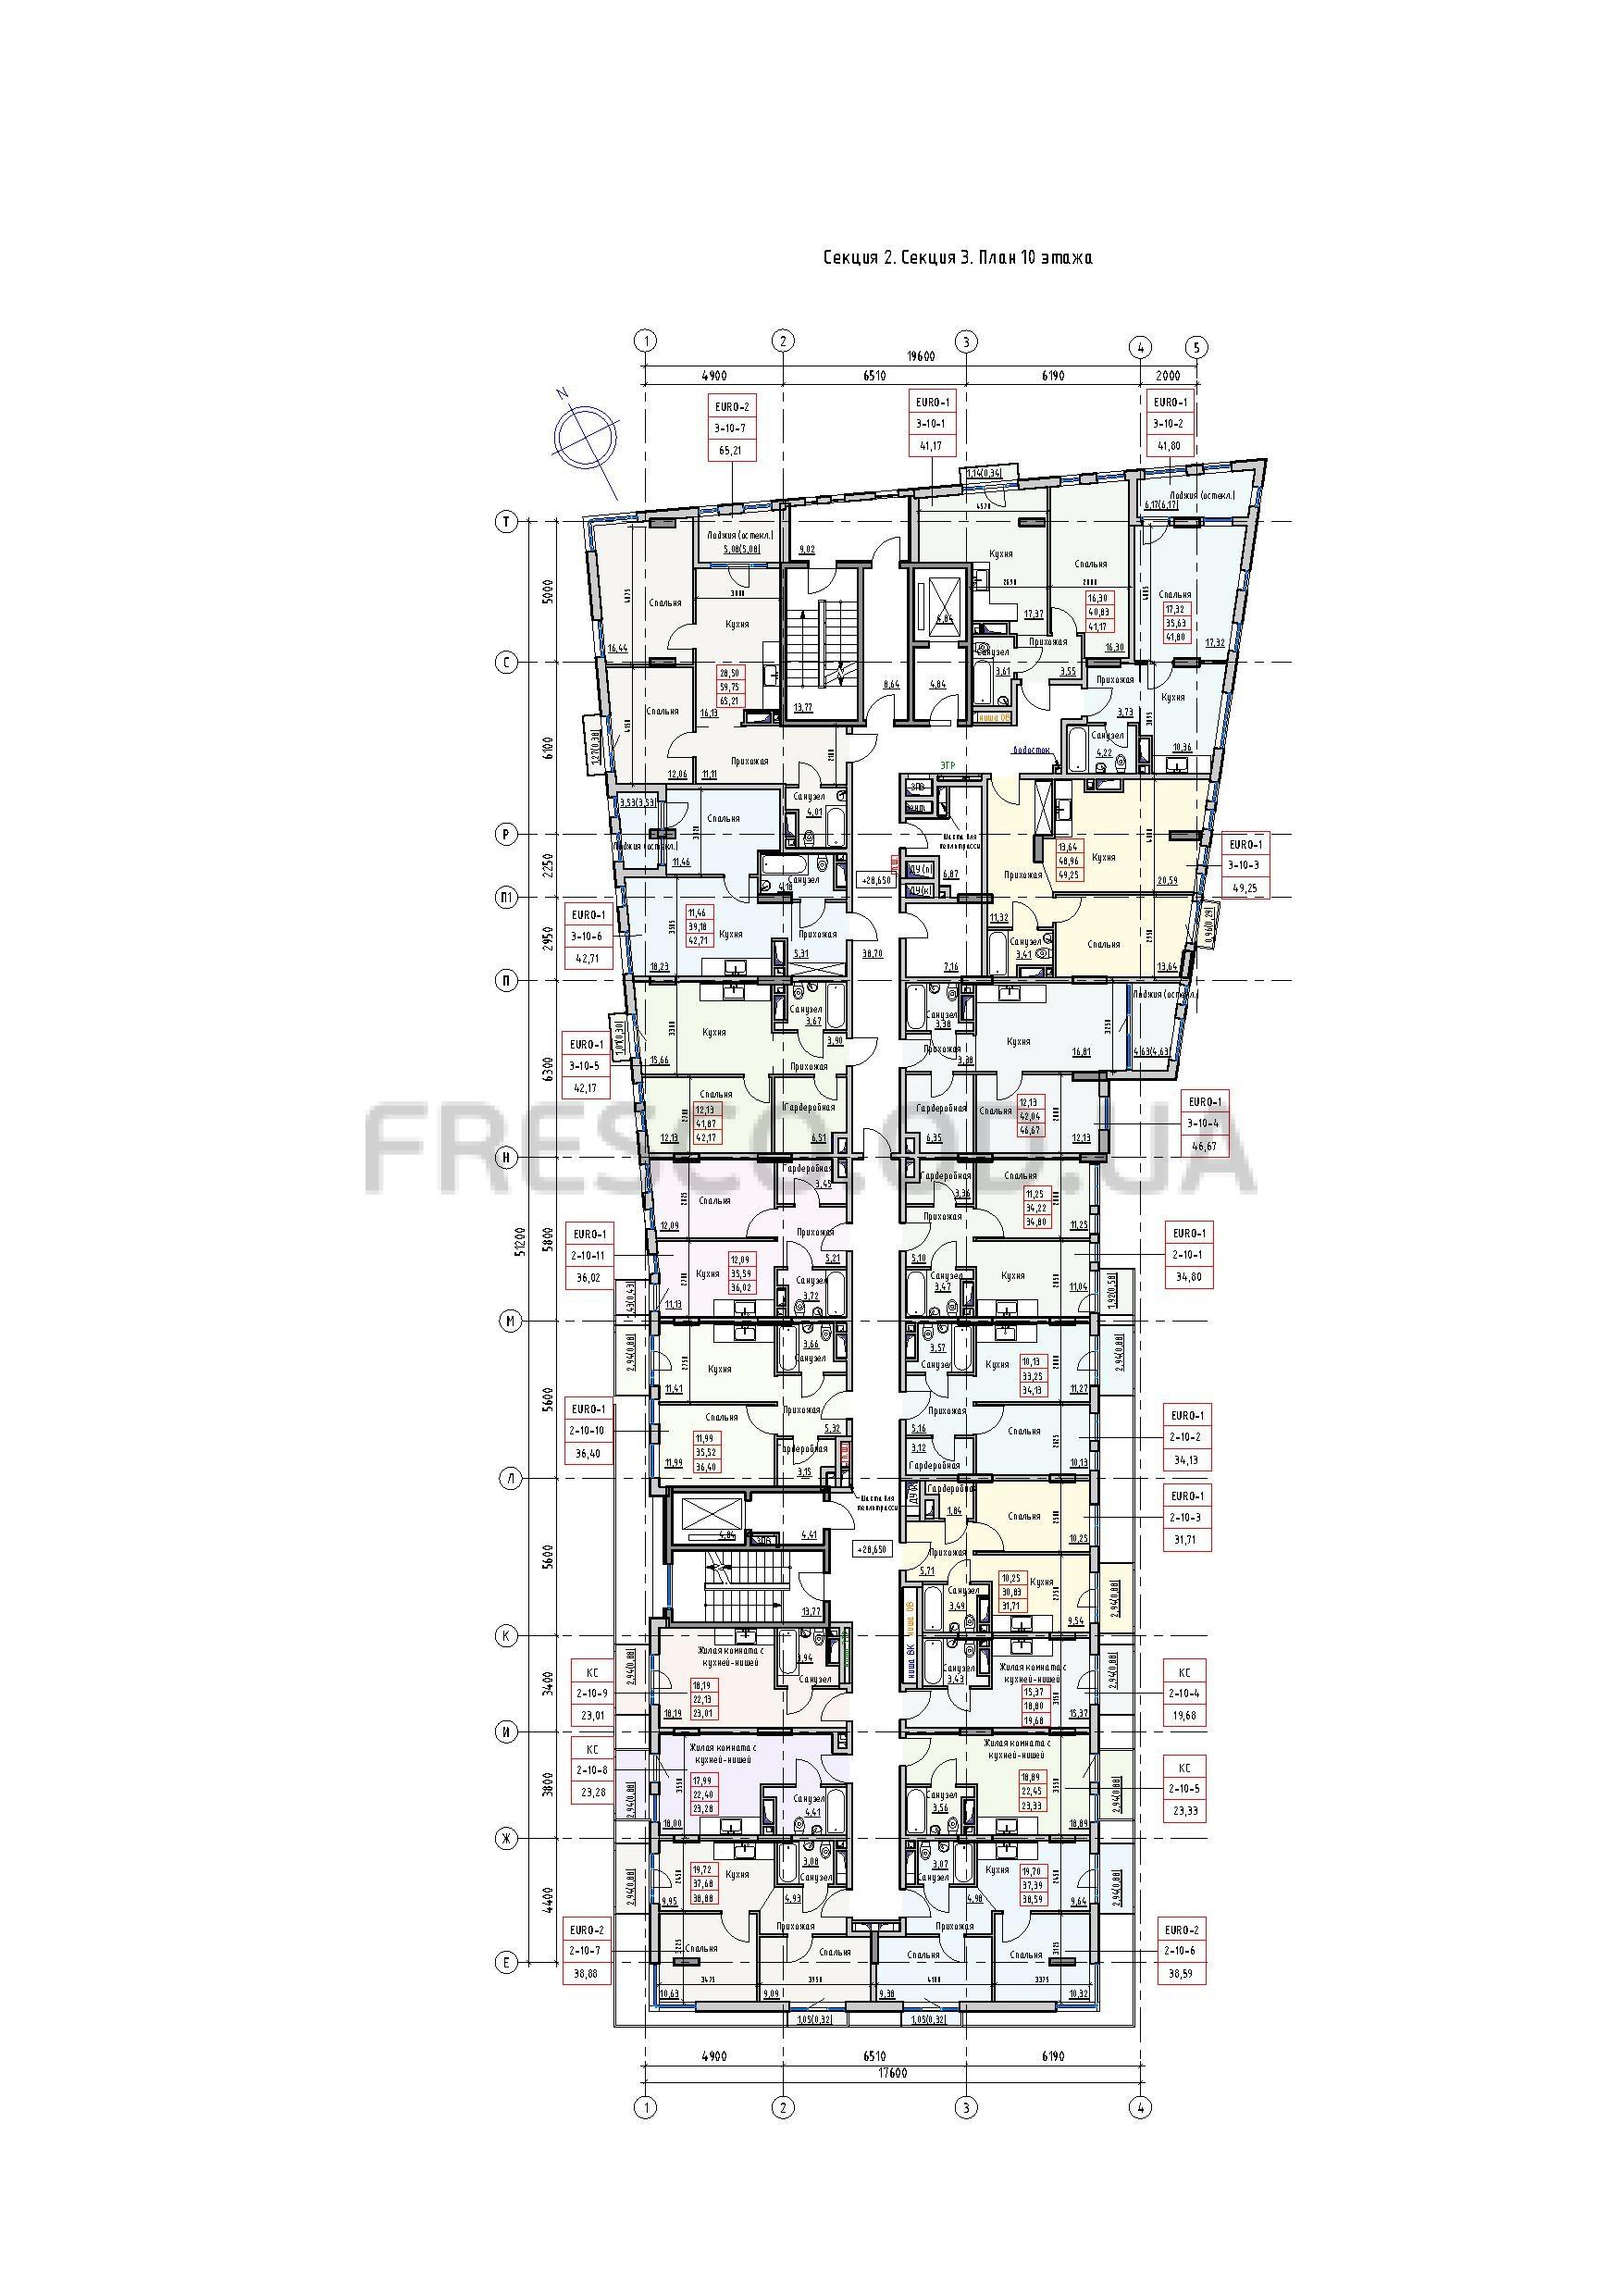 Пространство на Раскидайловской 2,3 секции план 10 этажа